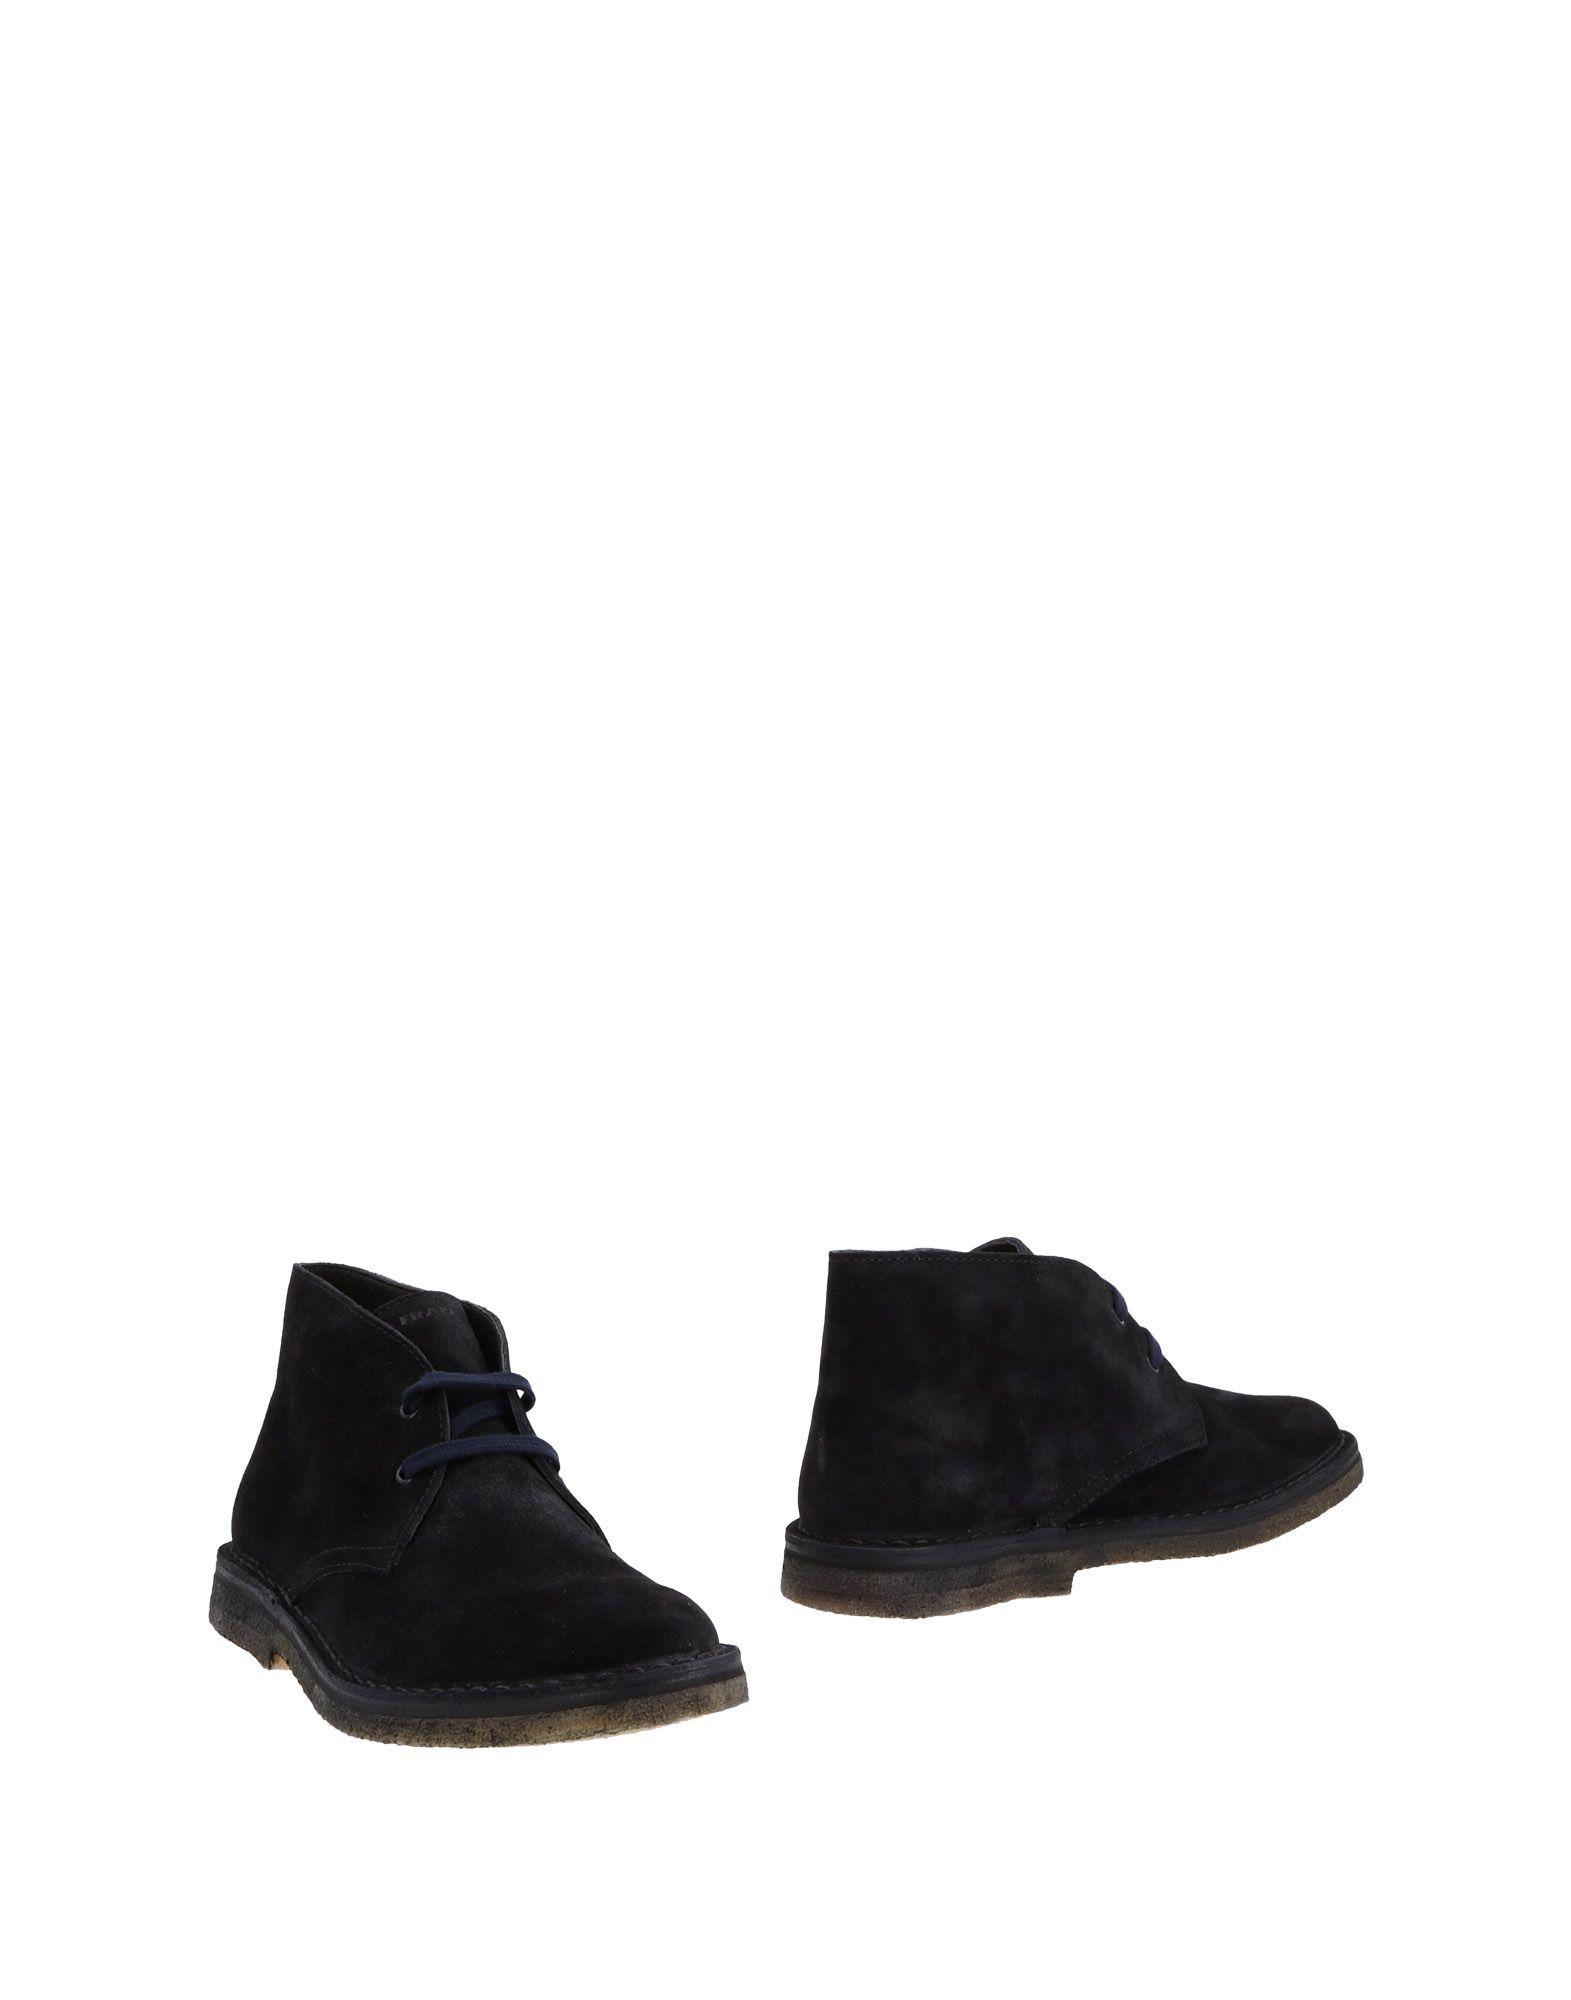 Rabatt Herren echte Schuhe Frau Stiefelette Herren Rabatt  11480551TE 2e4c52